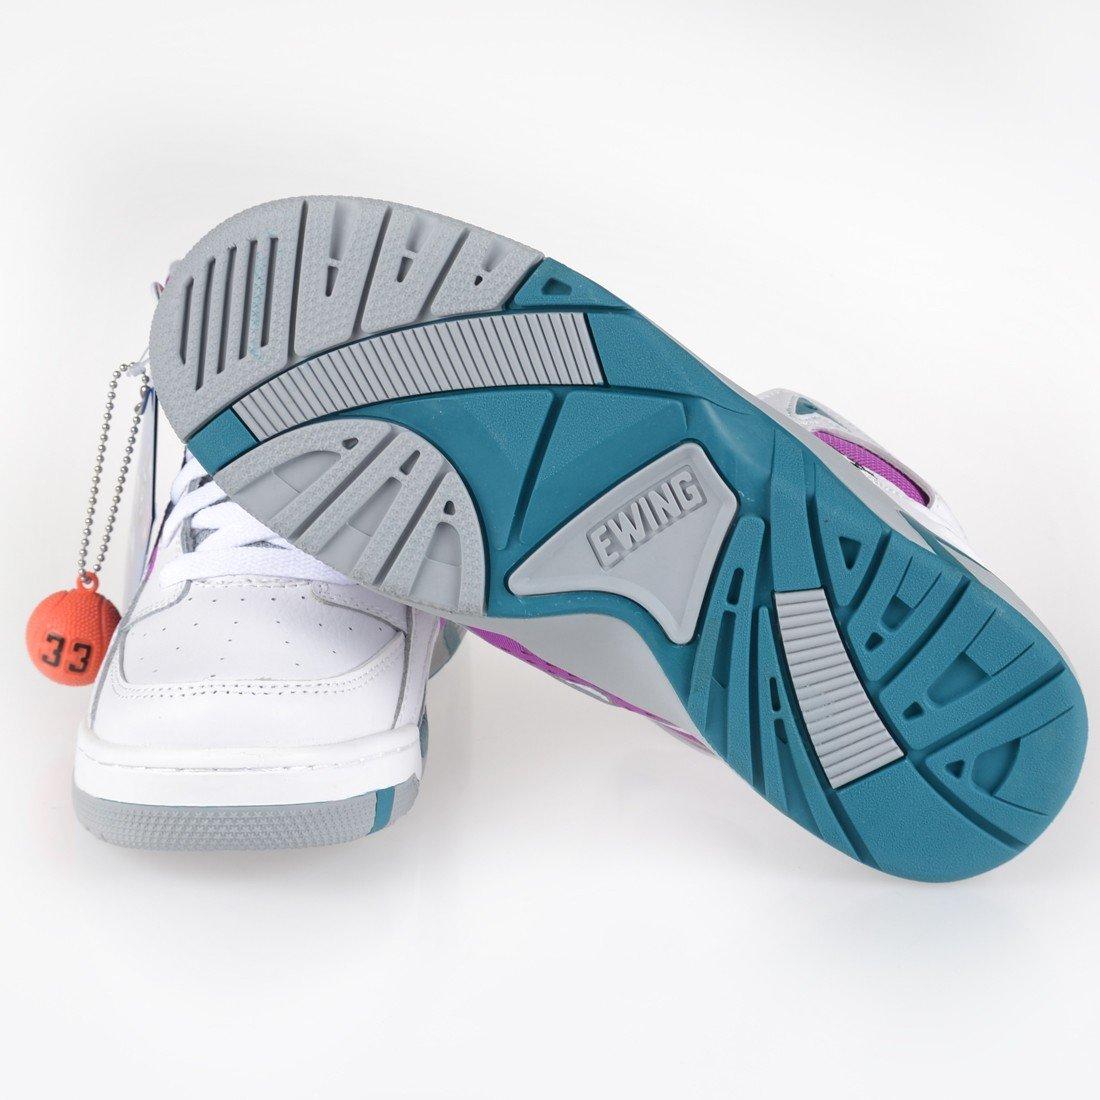 Patrick Ewing - Zapatillas para hombre, color Blanco, talla 39.5: Amazon.es: Zapatos y complementos